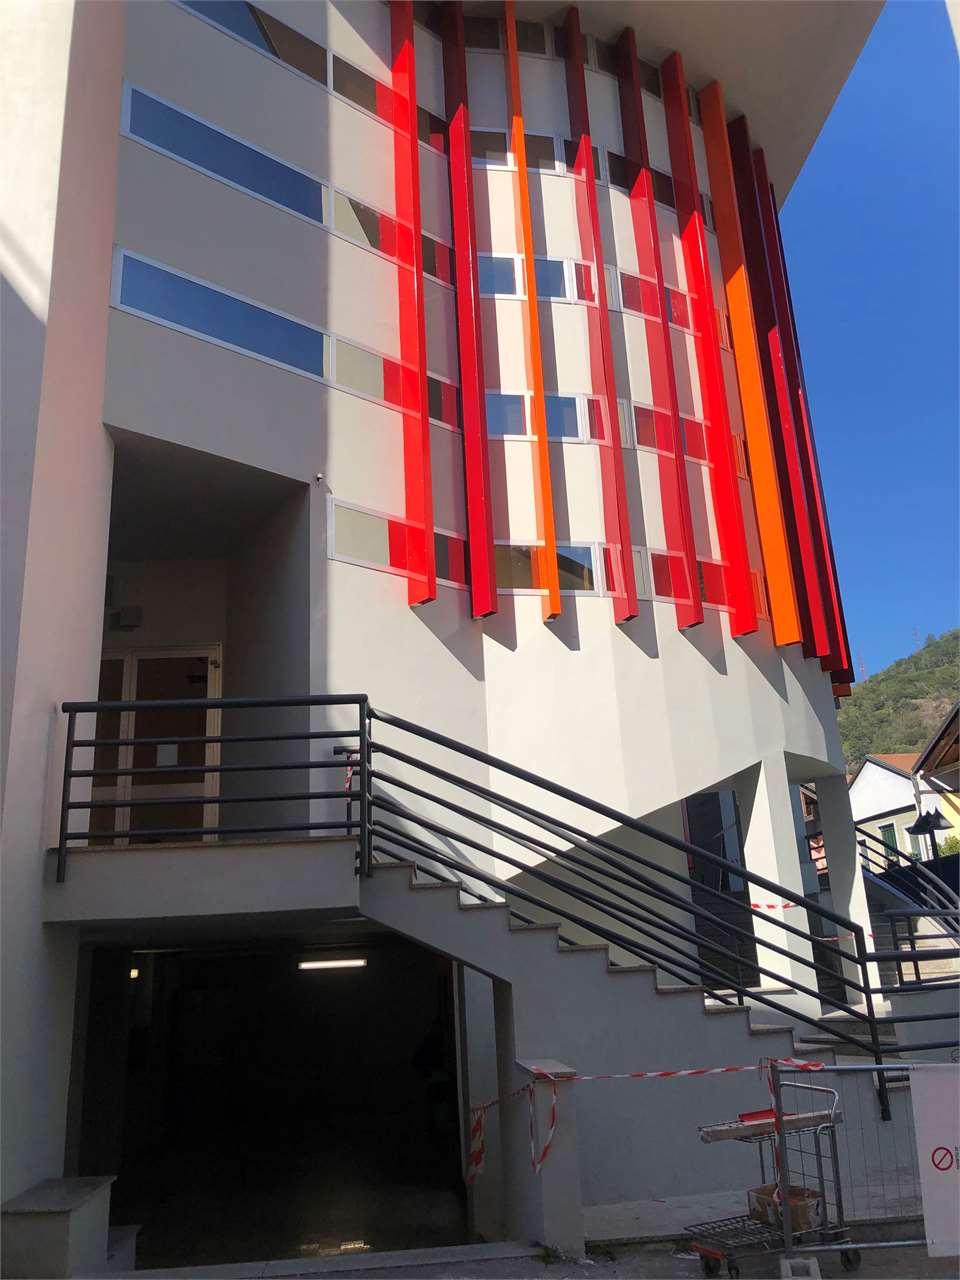 Negozio / Locale in vendita a Omegna, 1 locali, zona Zona: Crusinallo, prezzo € 300.000 | CambioCasa.it